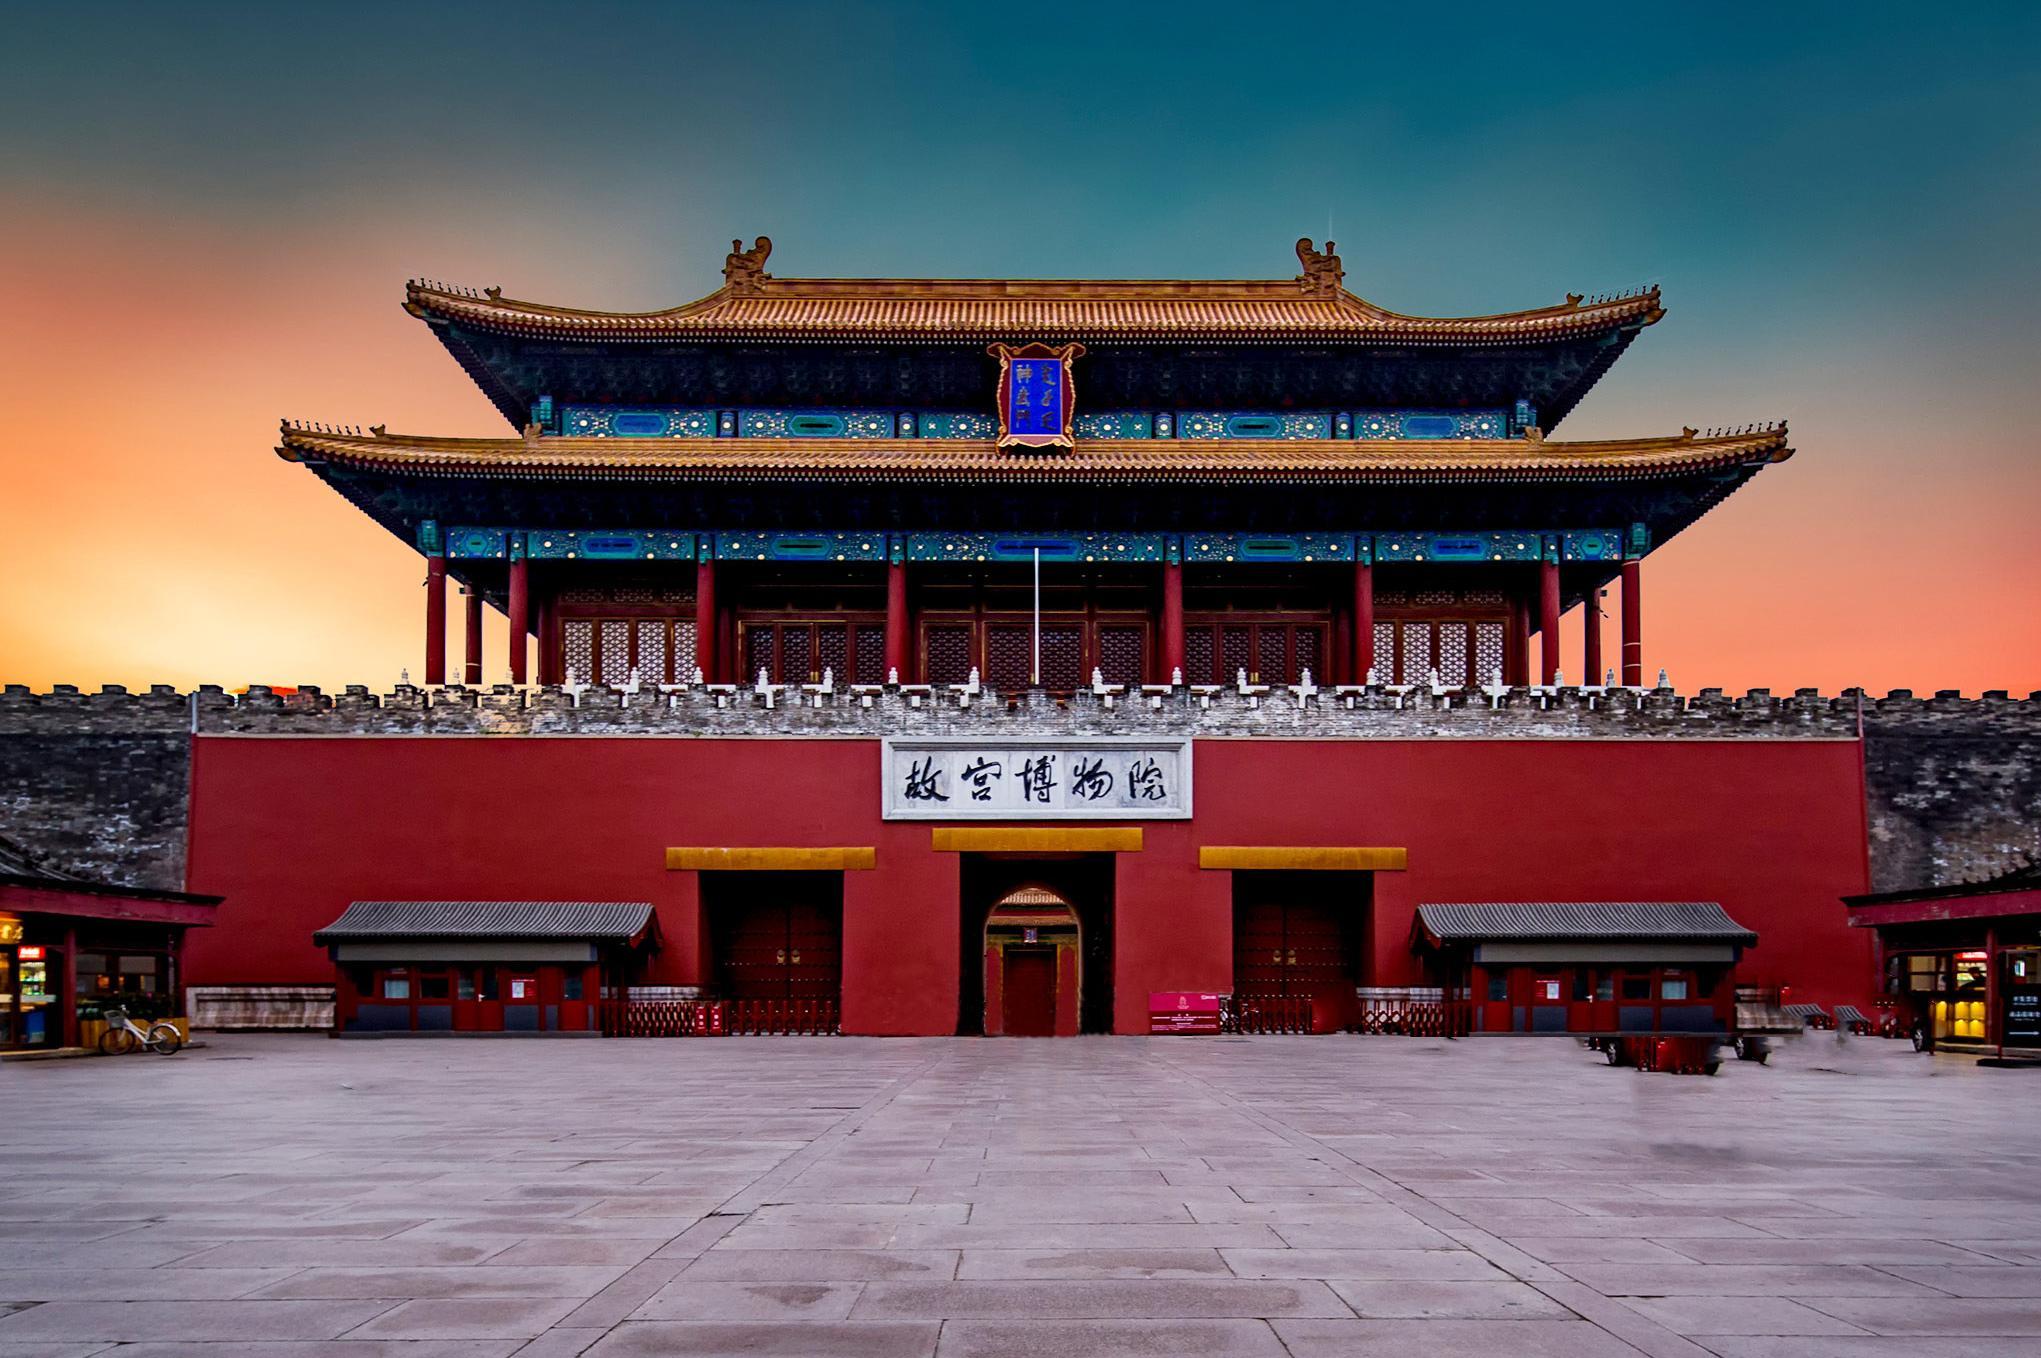 北京故宫、天安门广场、纪念堂、国家博物馆1日当地游[当季热卖]1.2米以下儿童免费 3小时深度浏览东西六宫  资深导游讲解 全程佩戴耳麦